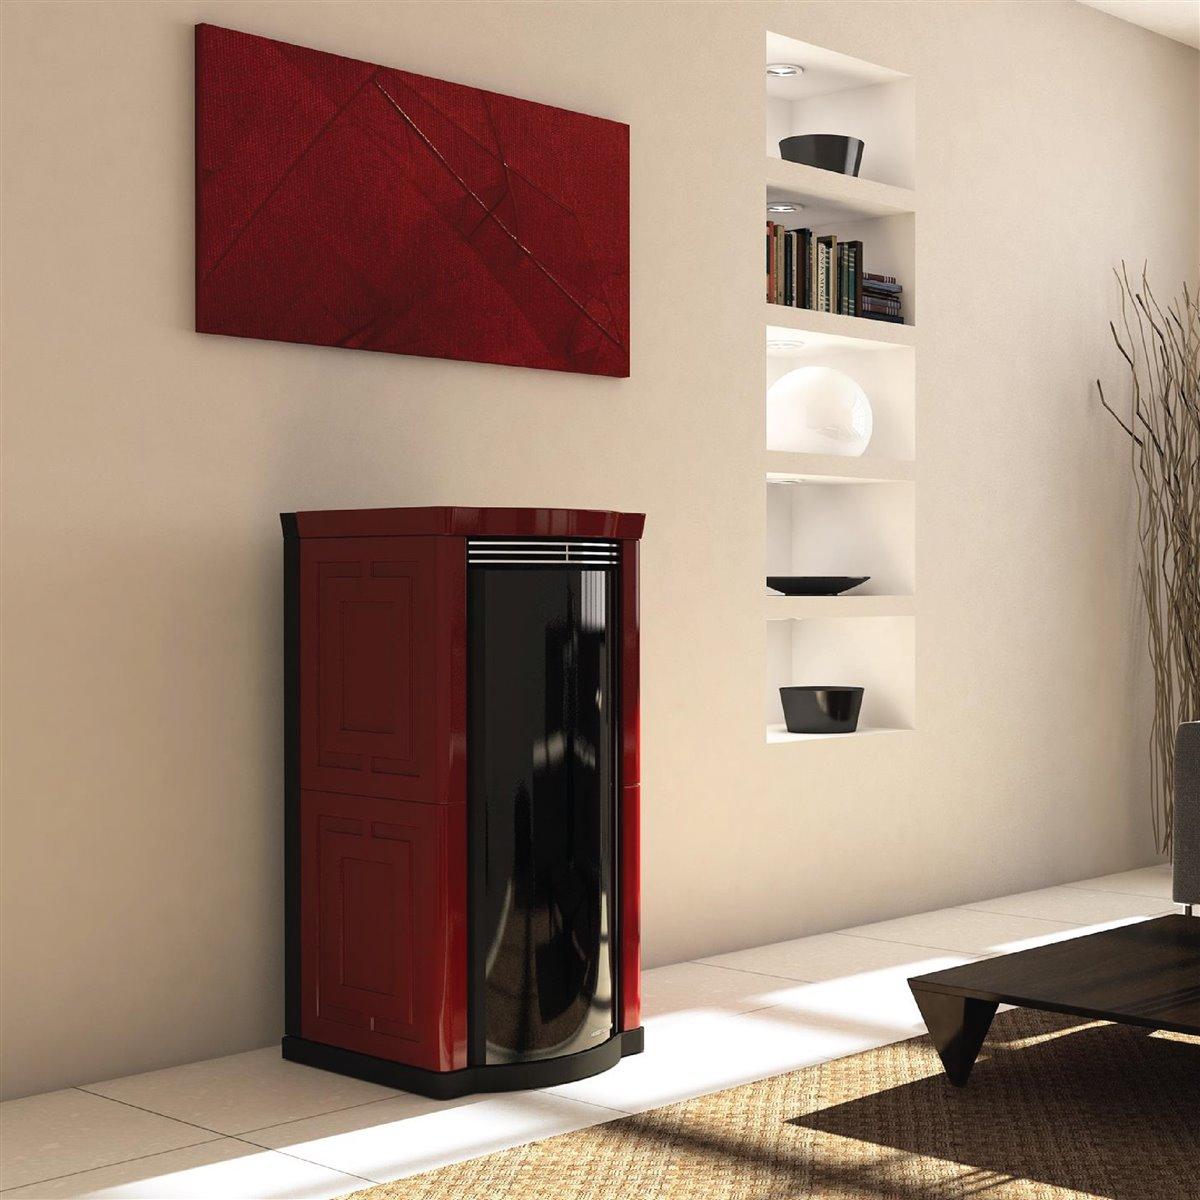 Acquista online in modo facile e. Turbo Top All Style 30 Kw Termostufe A Pellet Moretti Design